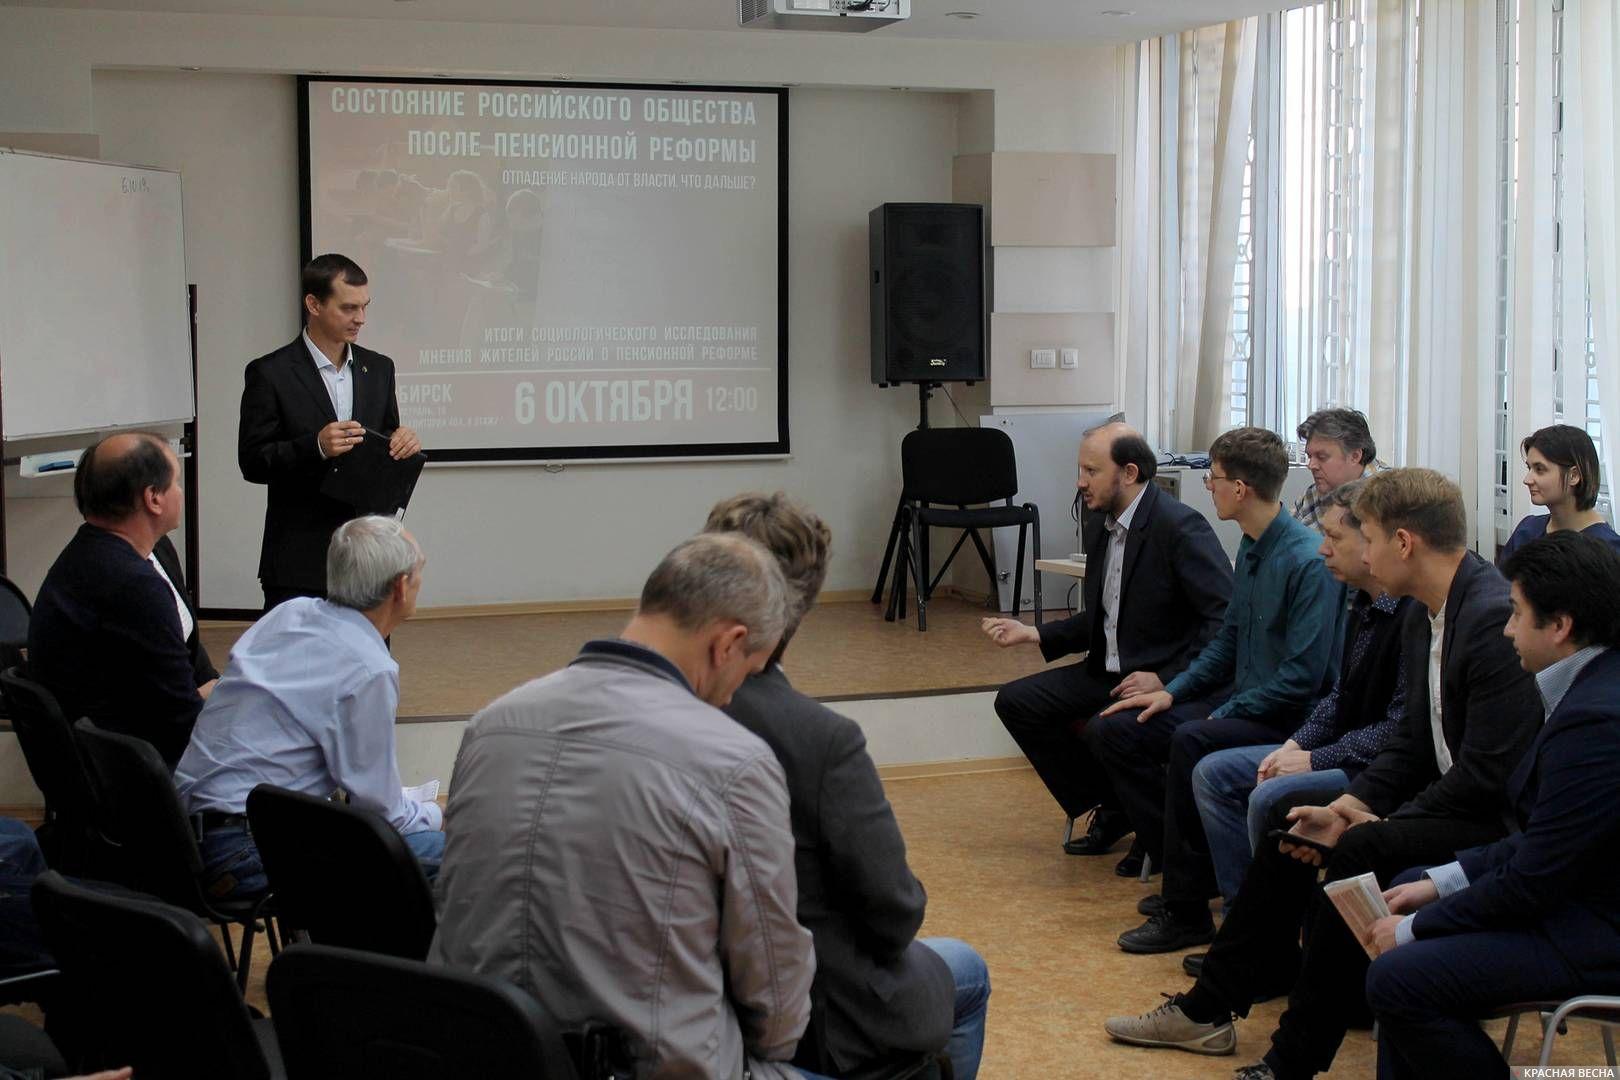 Общественно-политический диалог «Состояние российского общества после пенсионной реформы», г. Новосибирск